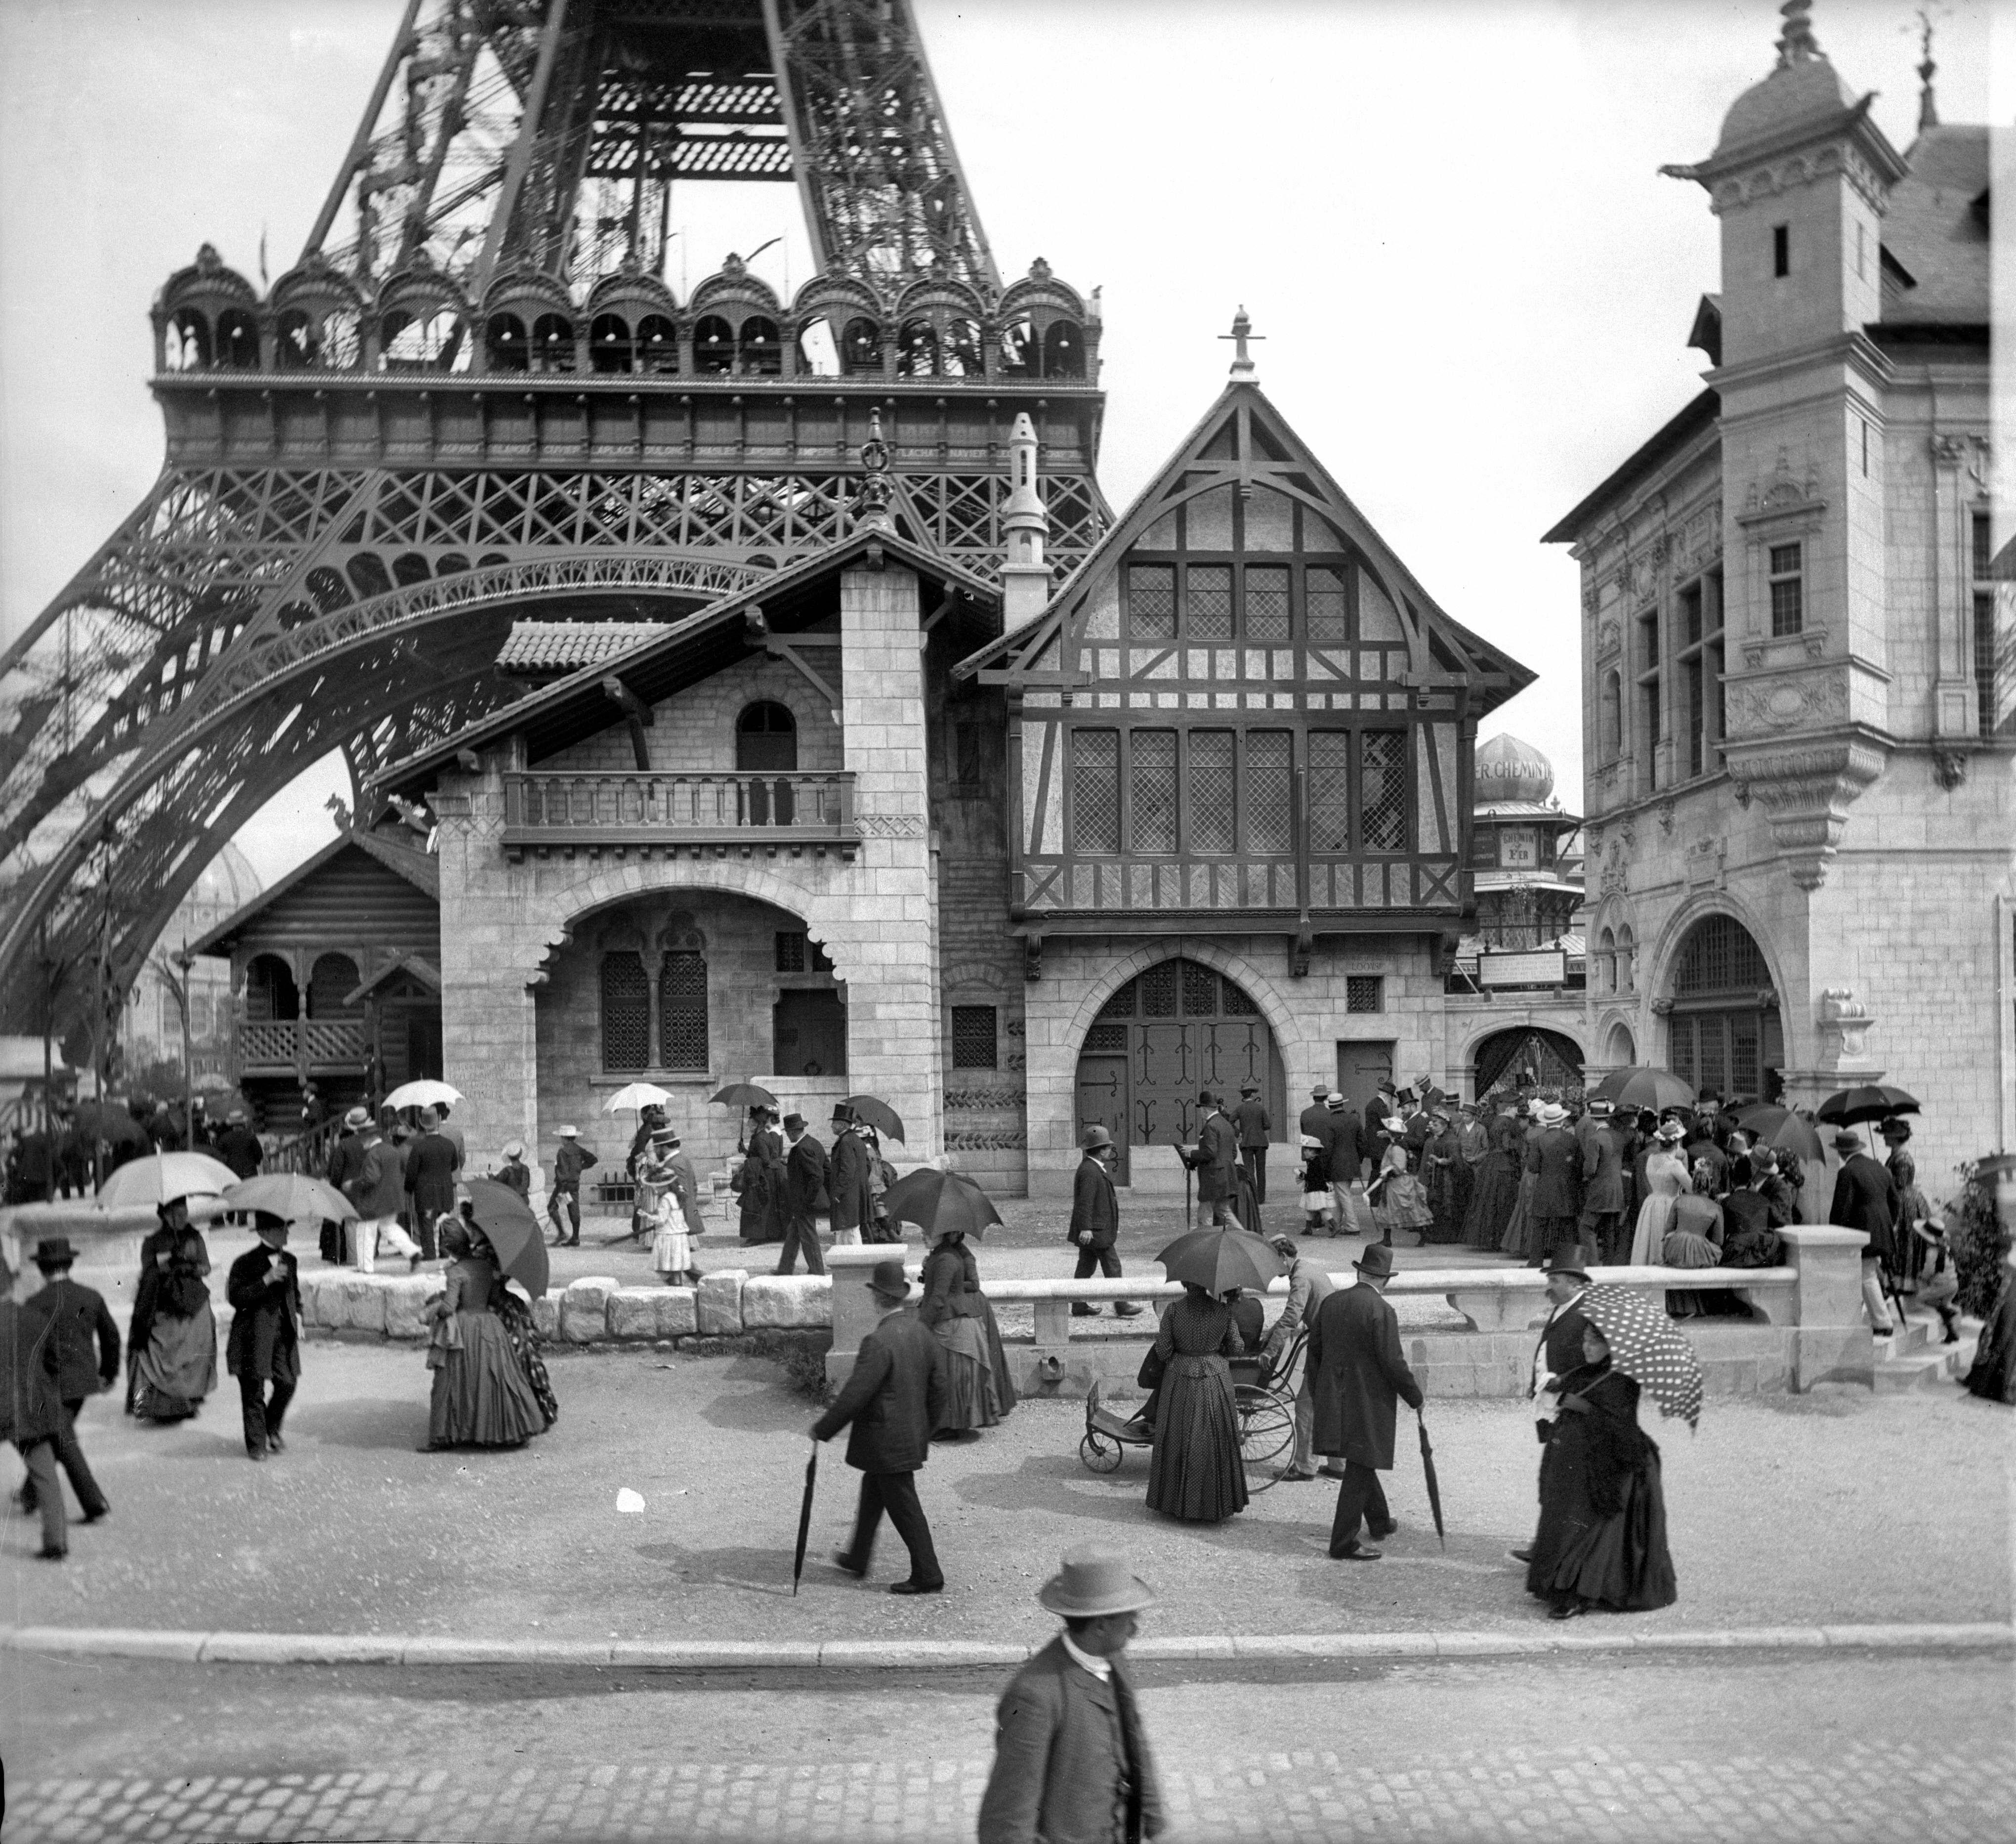 exposition universelle de paris 1889 getty images. Black Bedroom Furniture Sets. Home Design Ideas